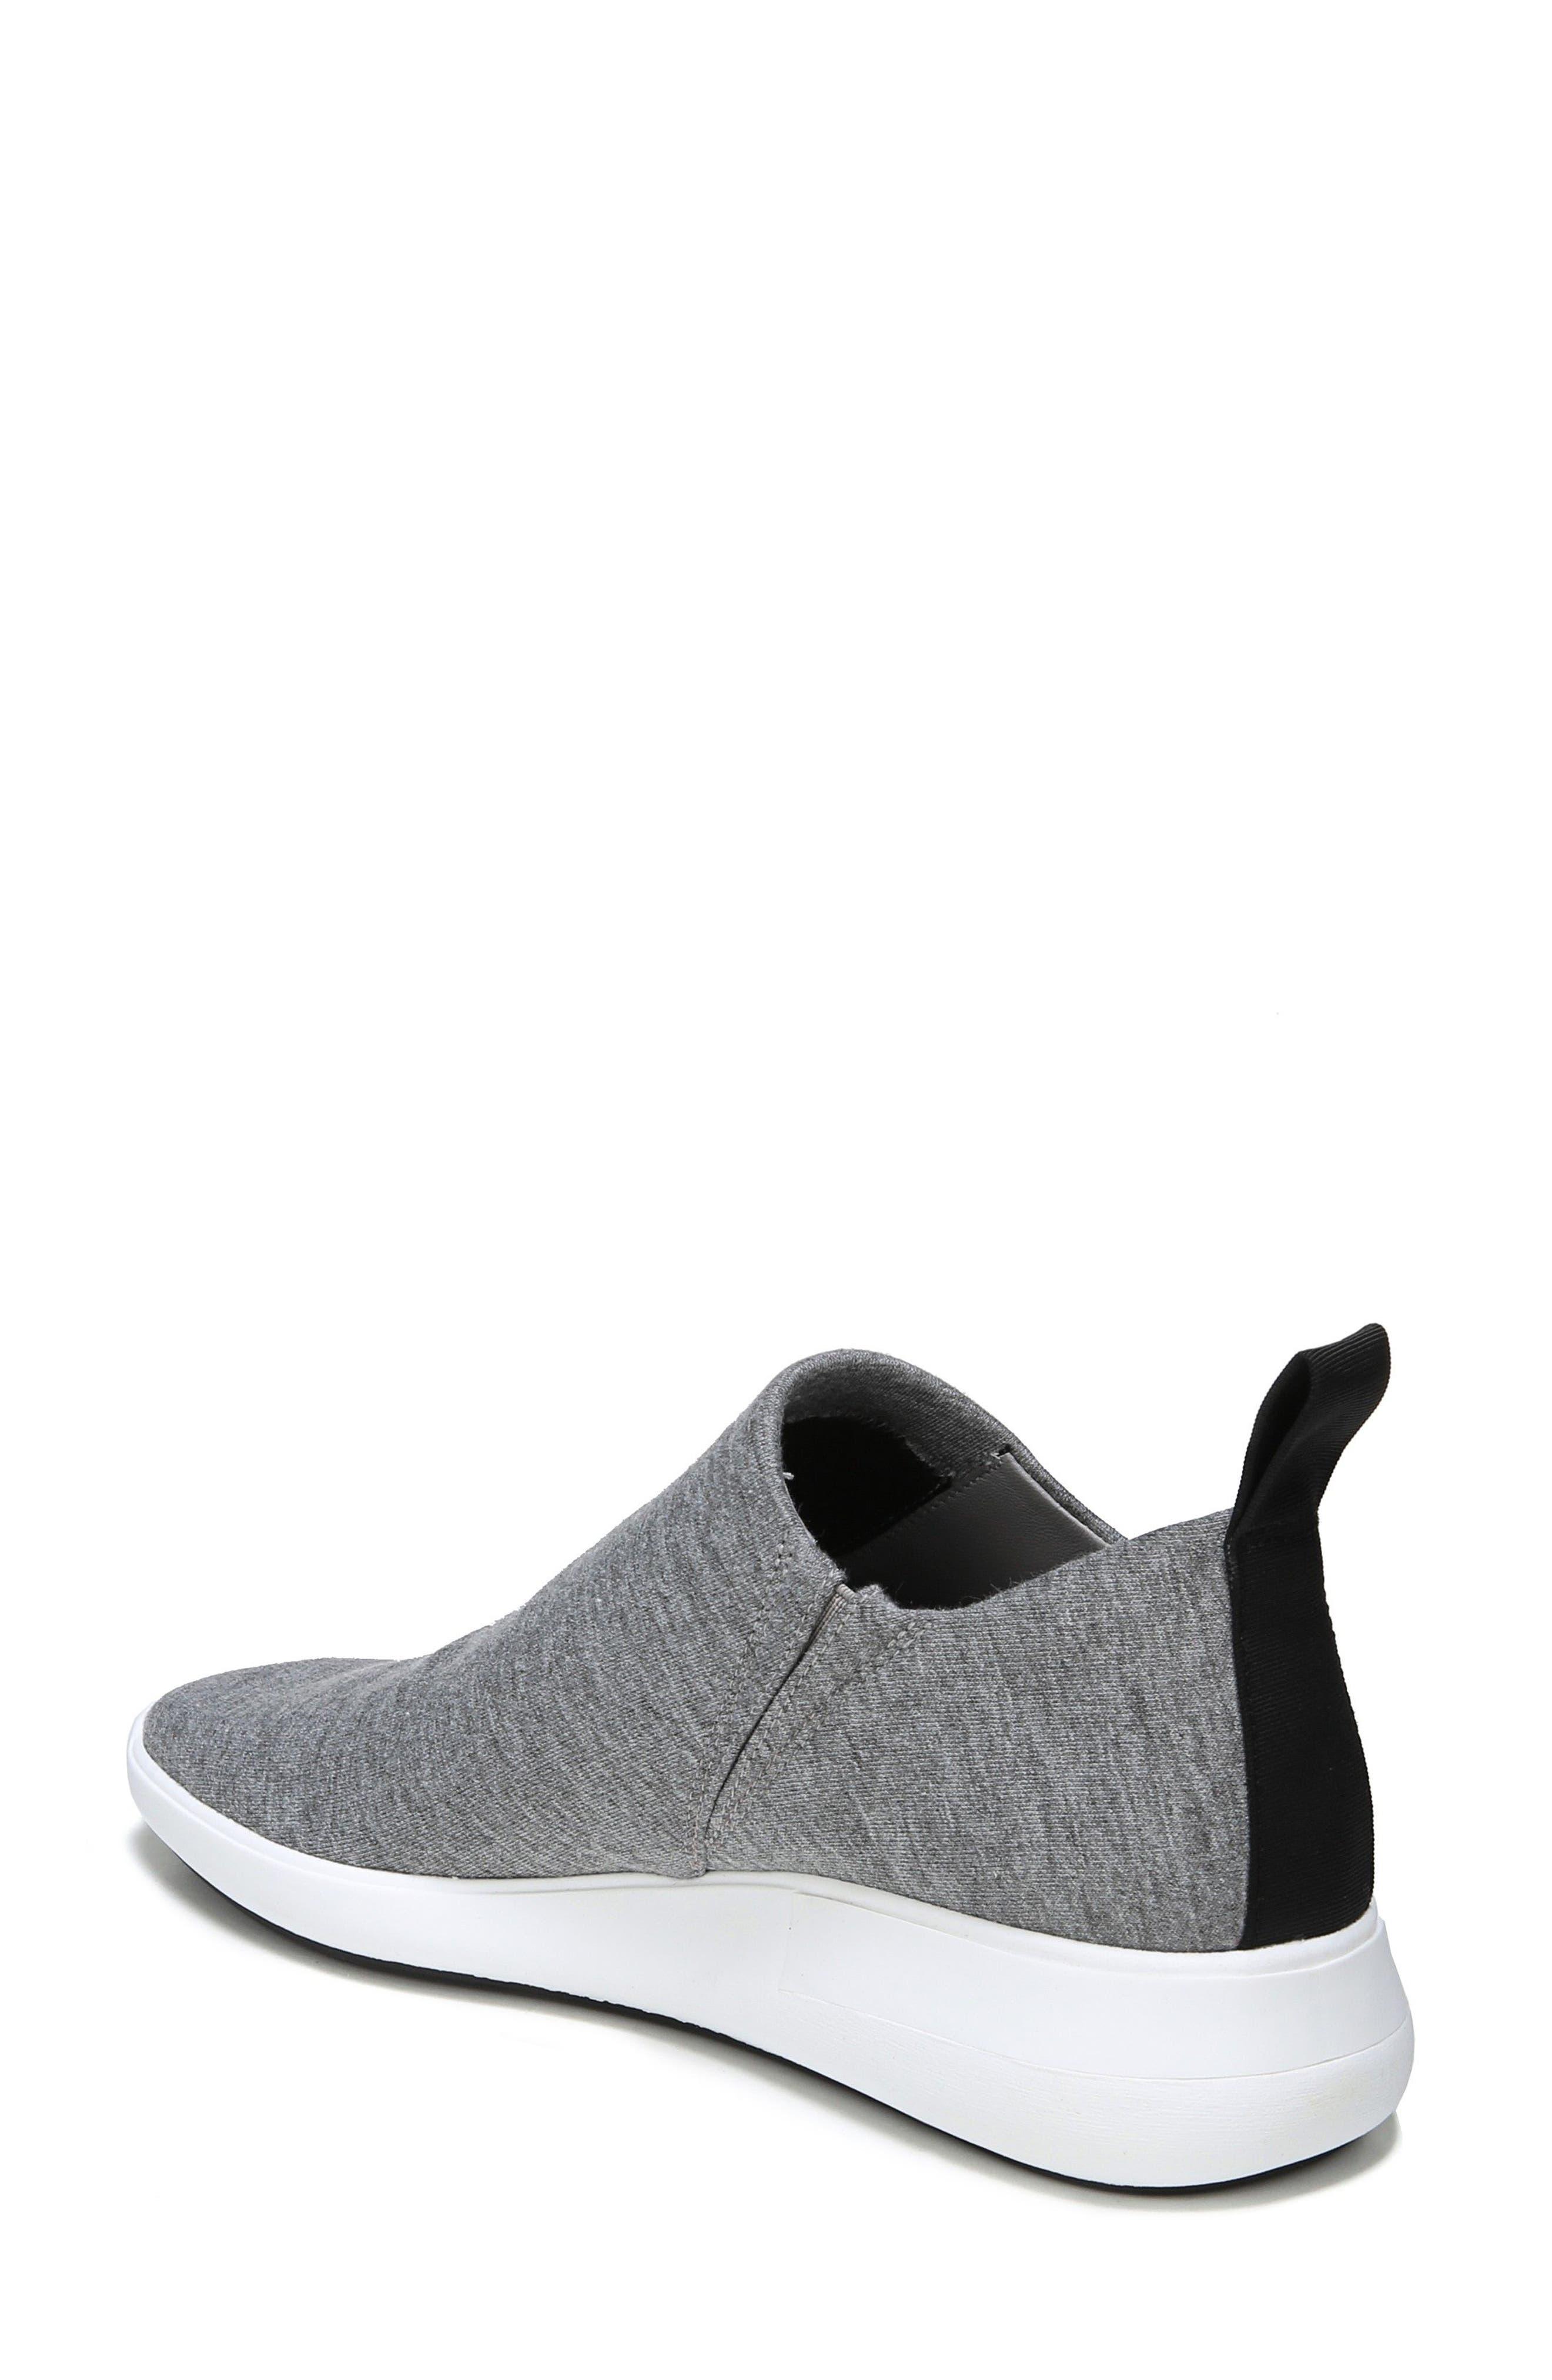 Marlow Slip-On Sneaker,                             Alternate thumbnail 4, color,